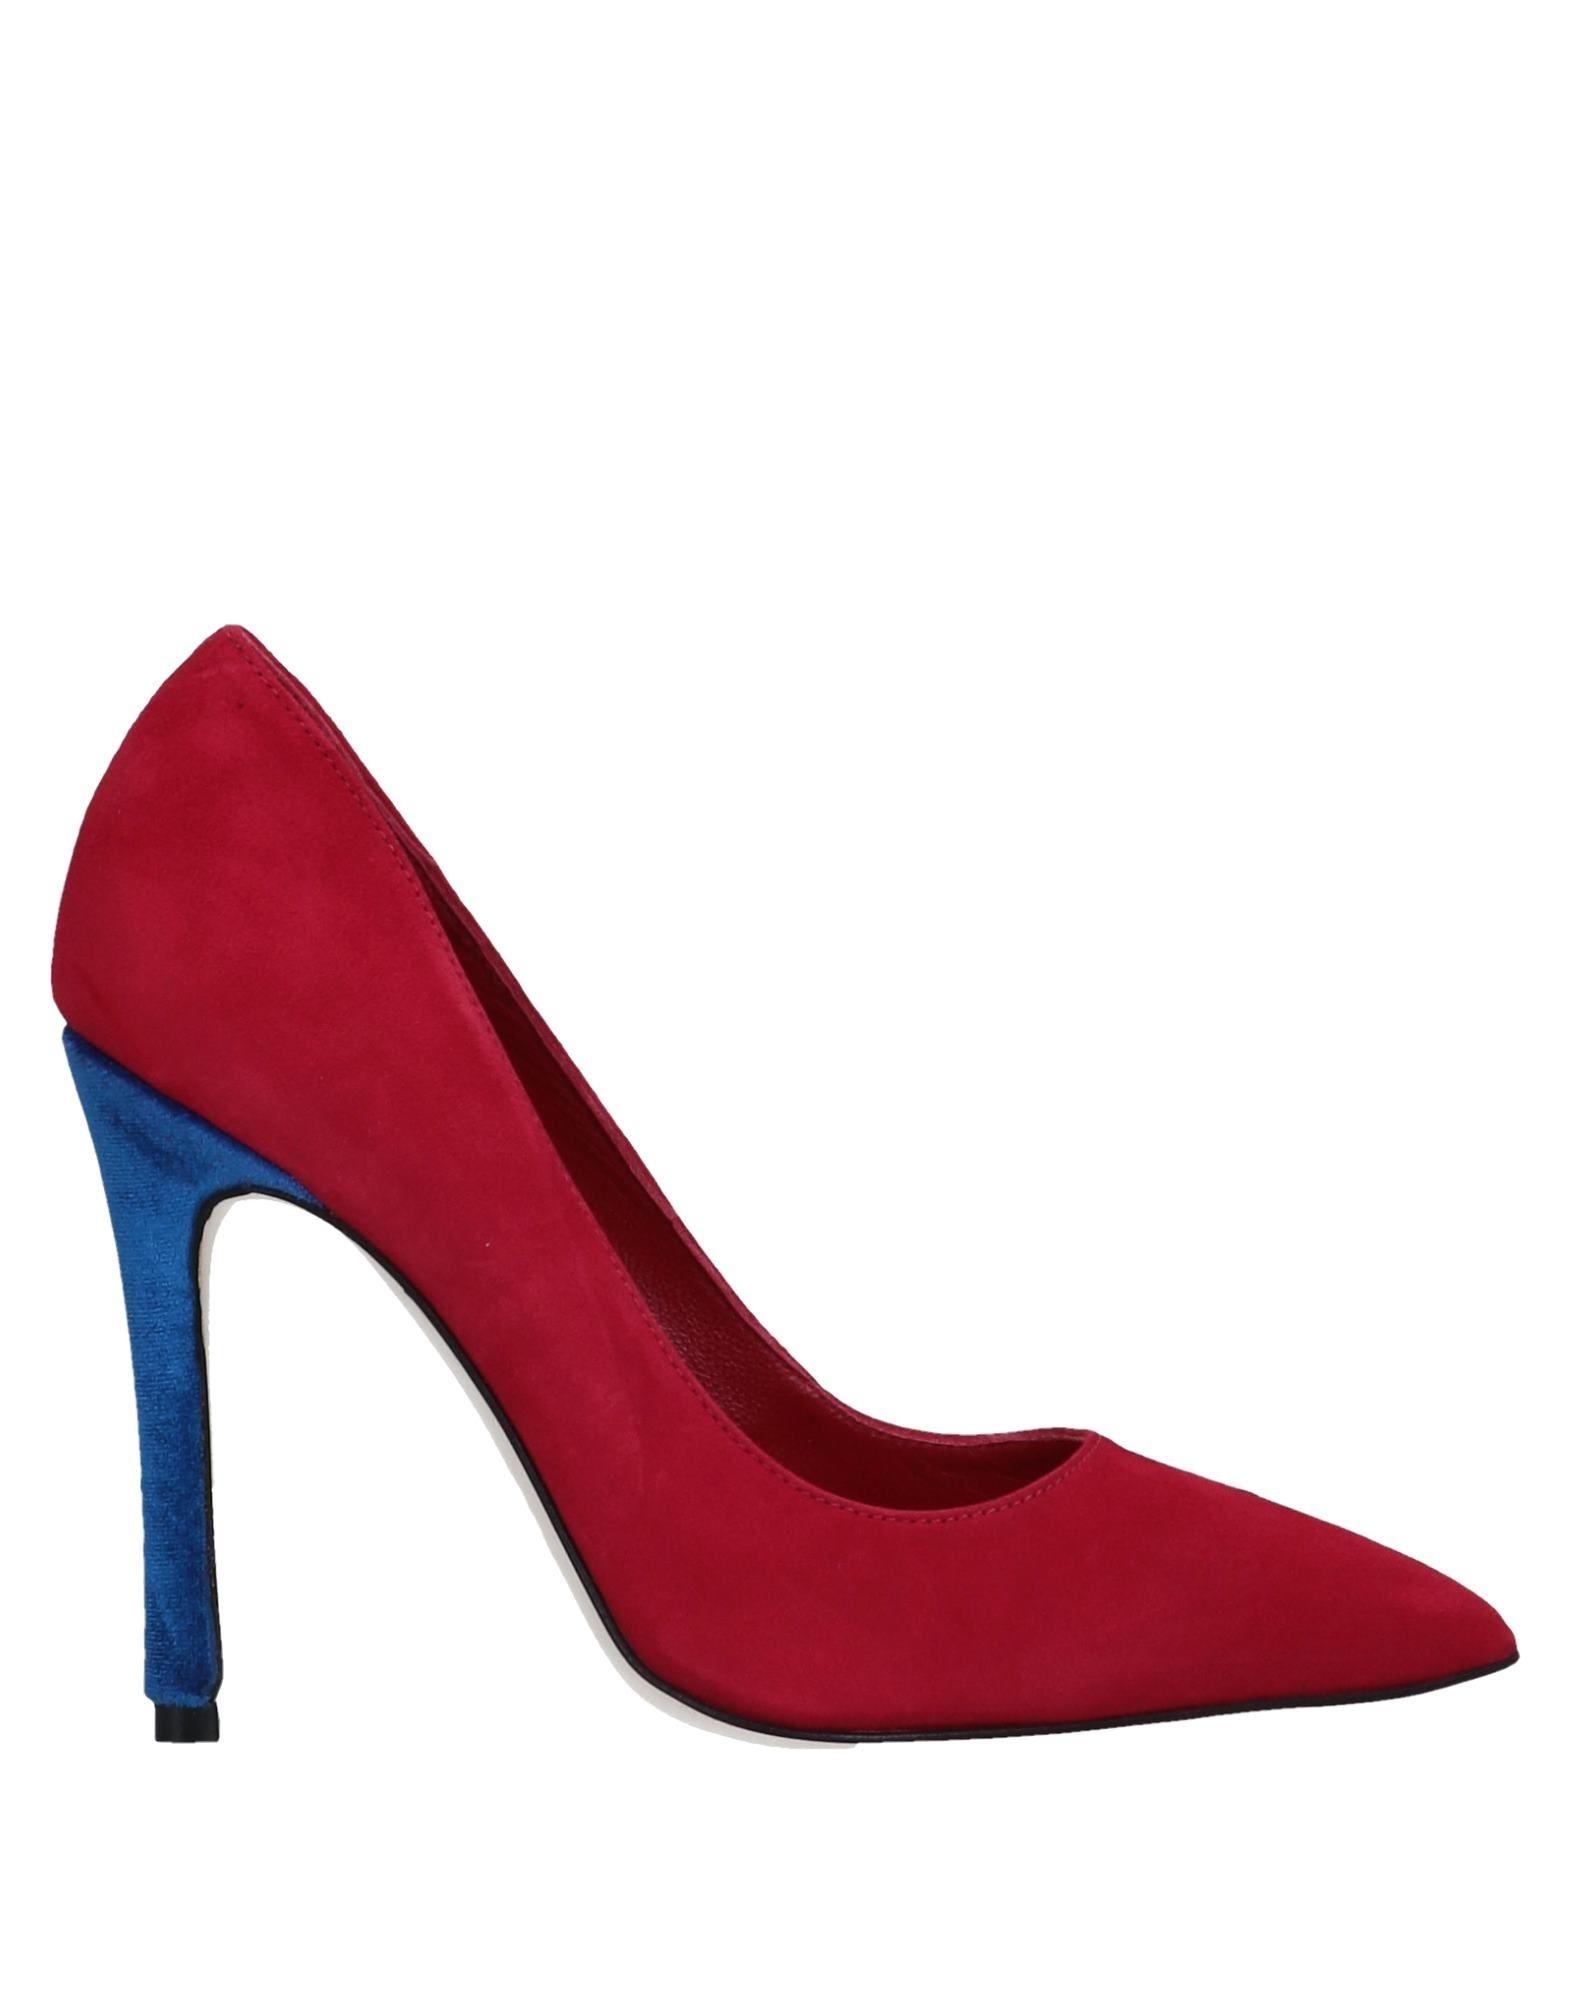 Stilvolle billige Schuhe Damen Luca Valentini Pumps Damen Schuhe  11537159FF 512102